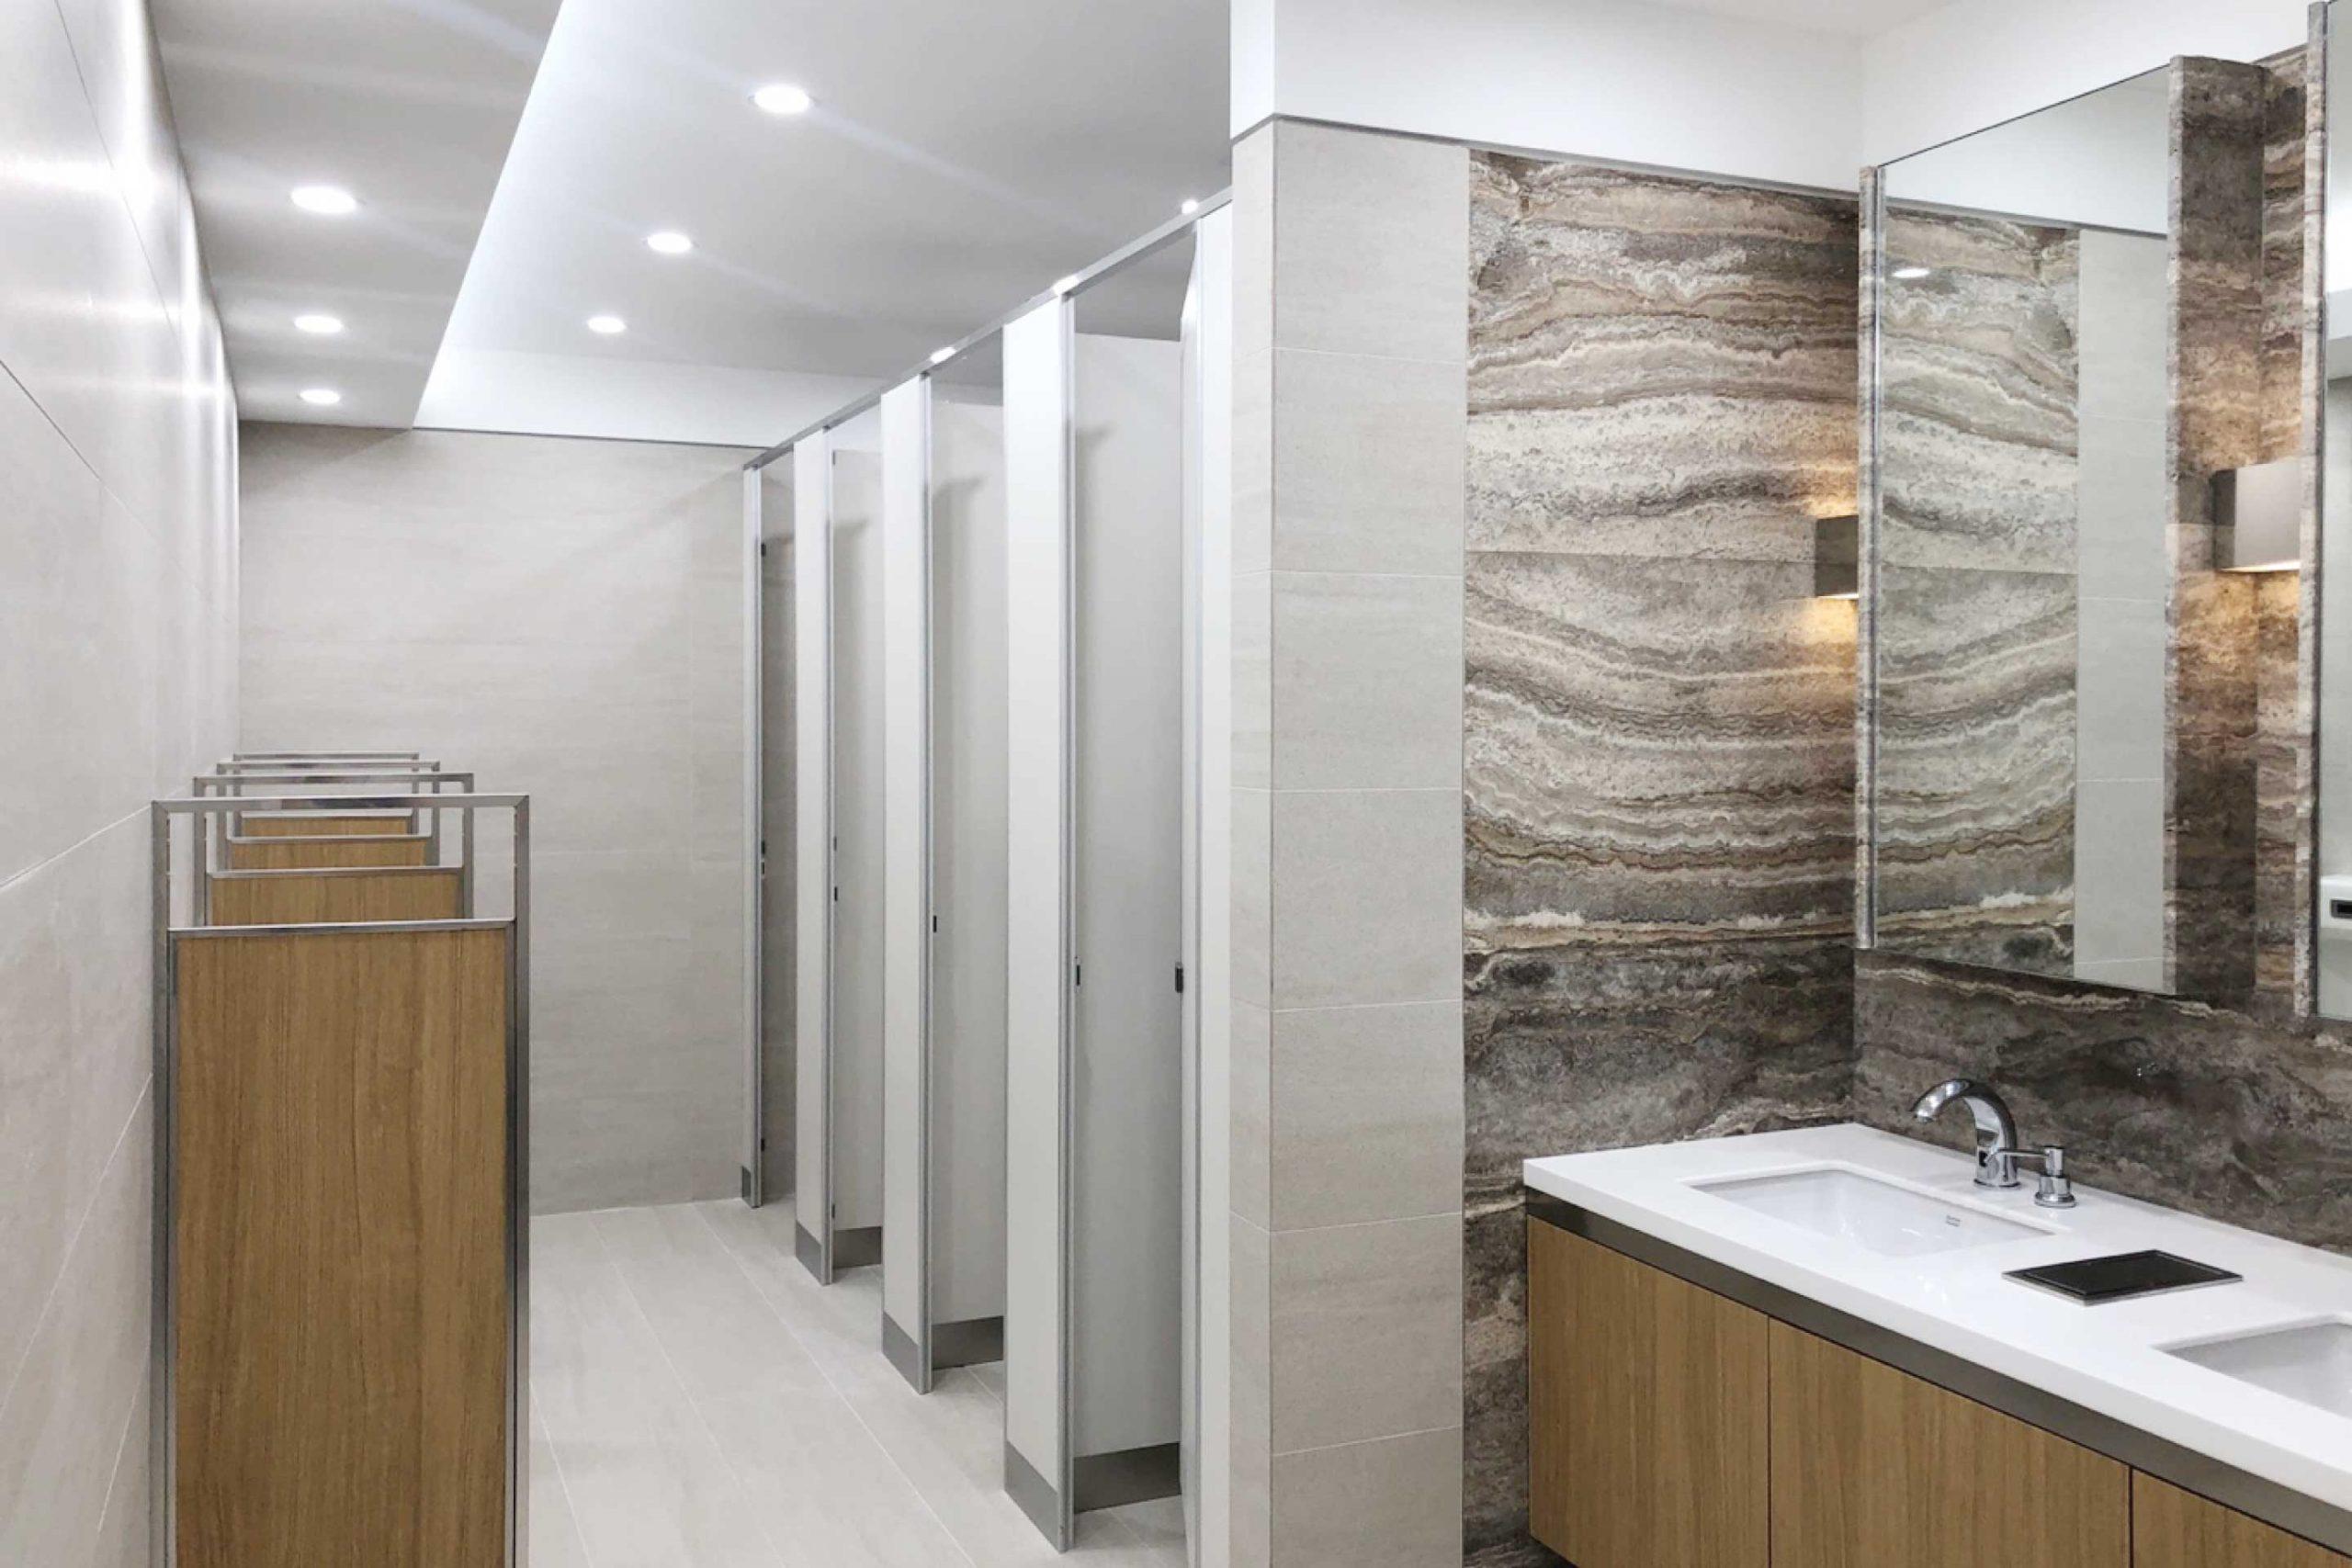 영풍화장실21층02